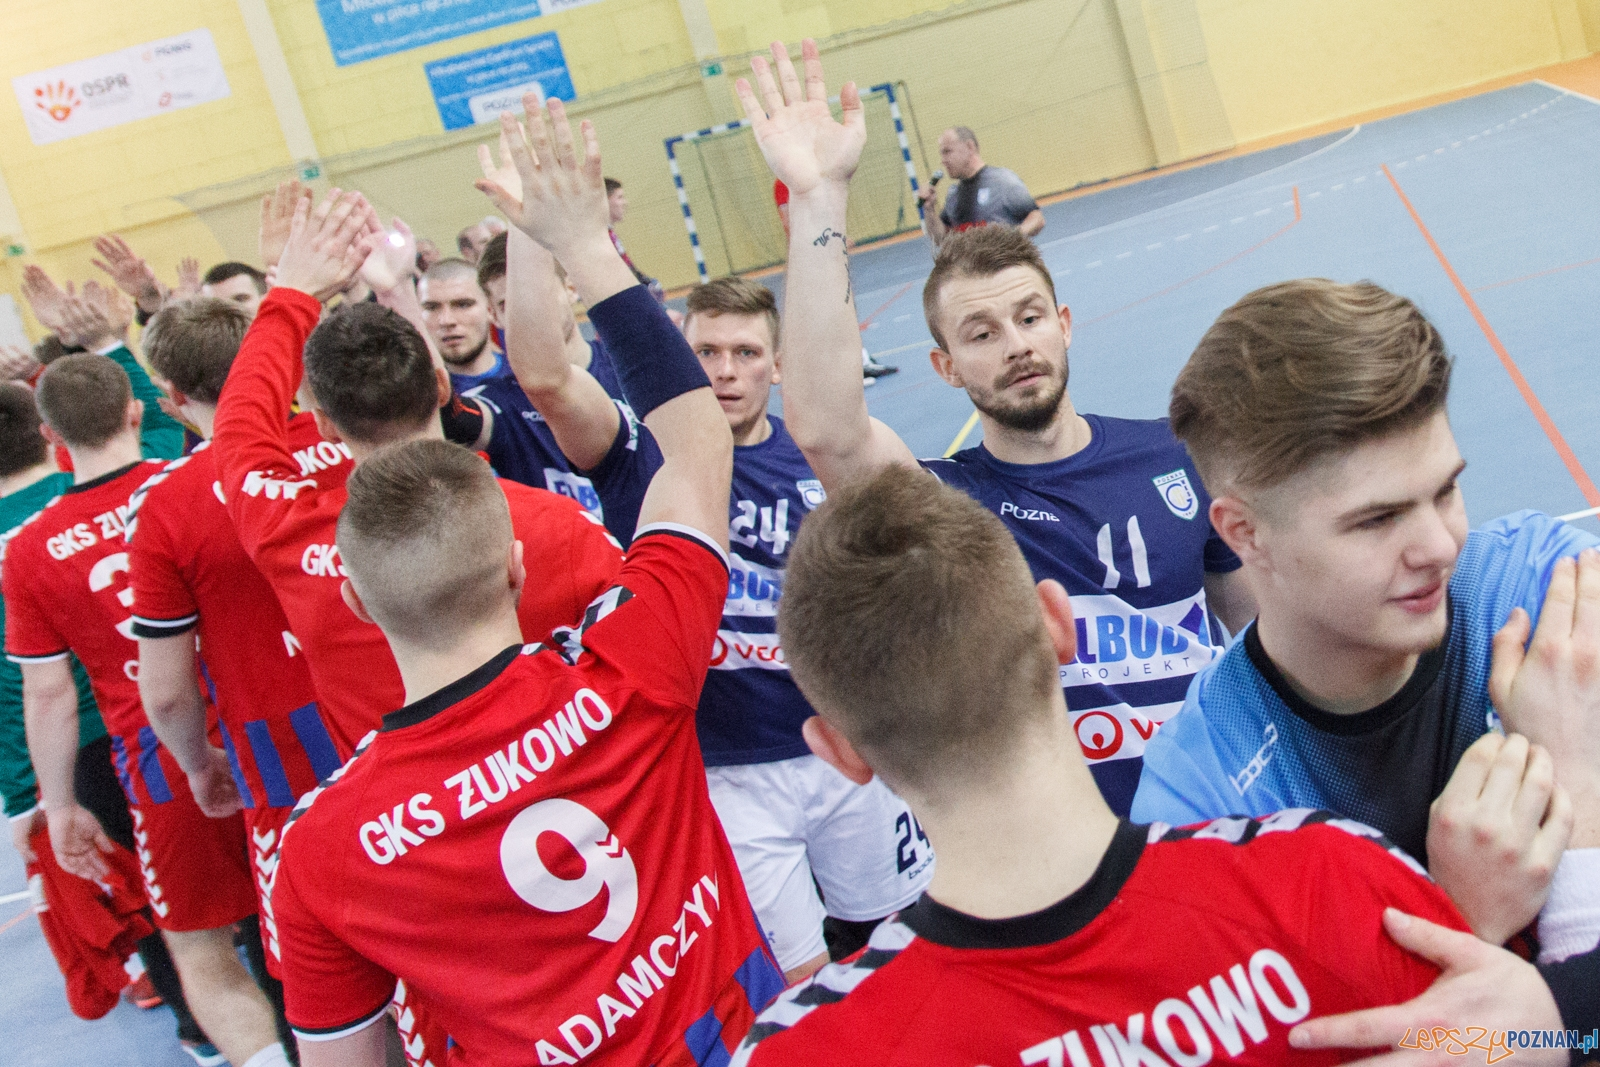 WKS Grunwald Poznań - GKS Żukowo 20:18 (8:10) - Poznań 04.02.  Foto: LepszyPOZNAN.pl / Paweł Rychter